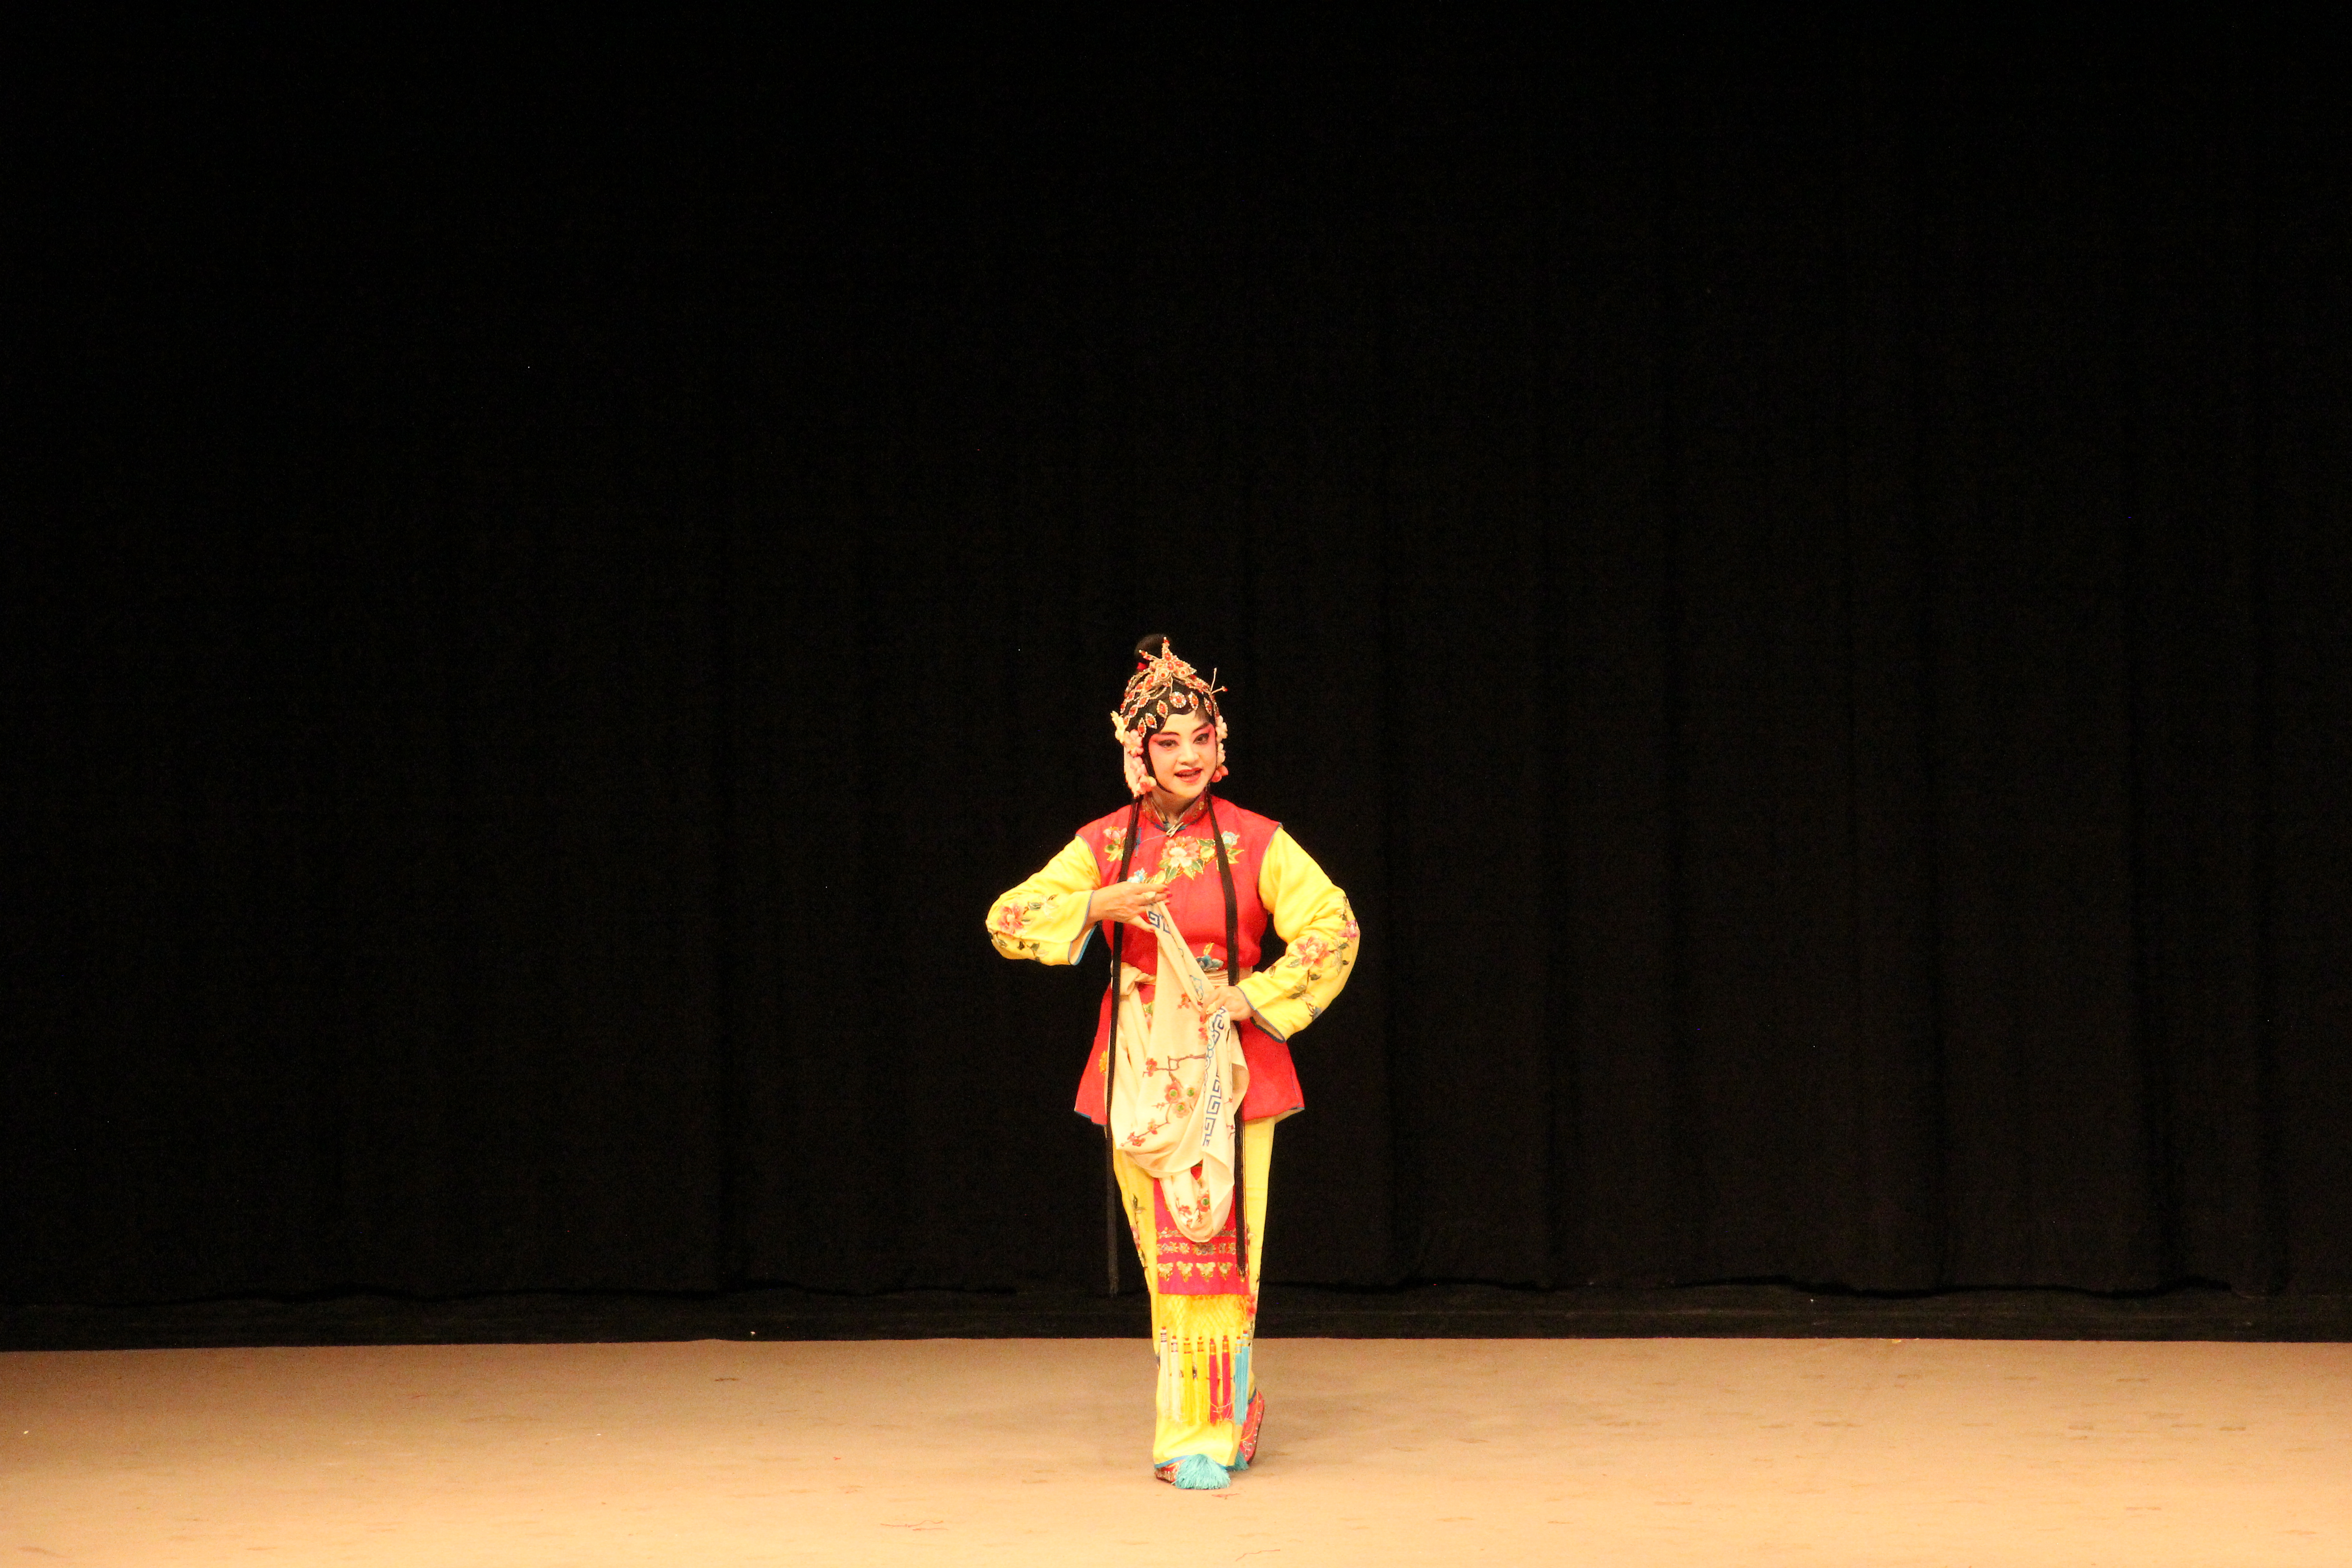 演員林靜雯首次上台演出《牡丹亭.學堂》中的角色春香。